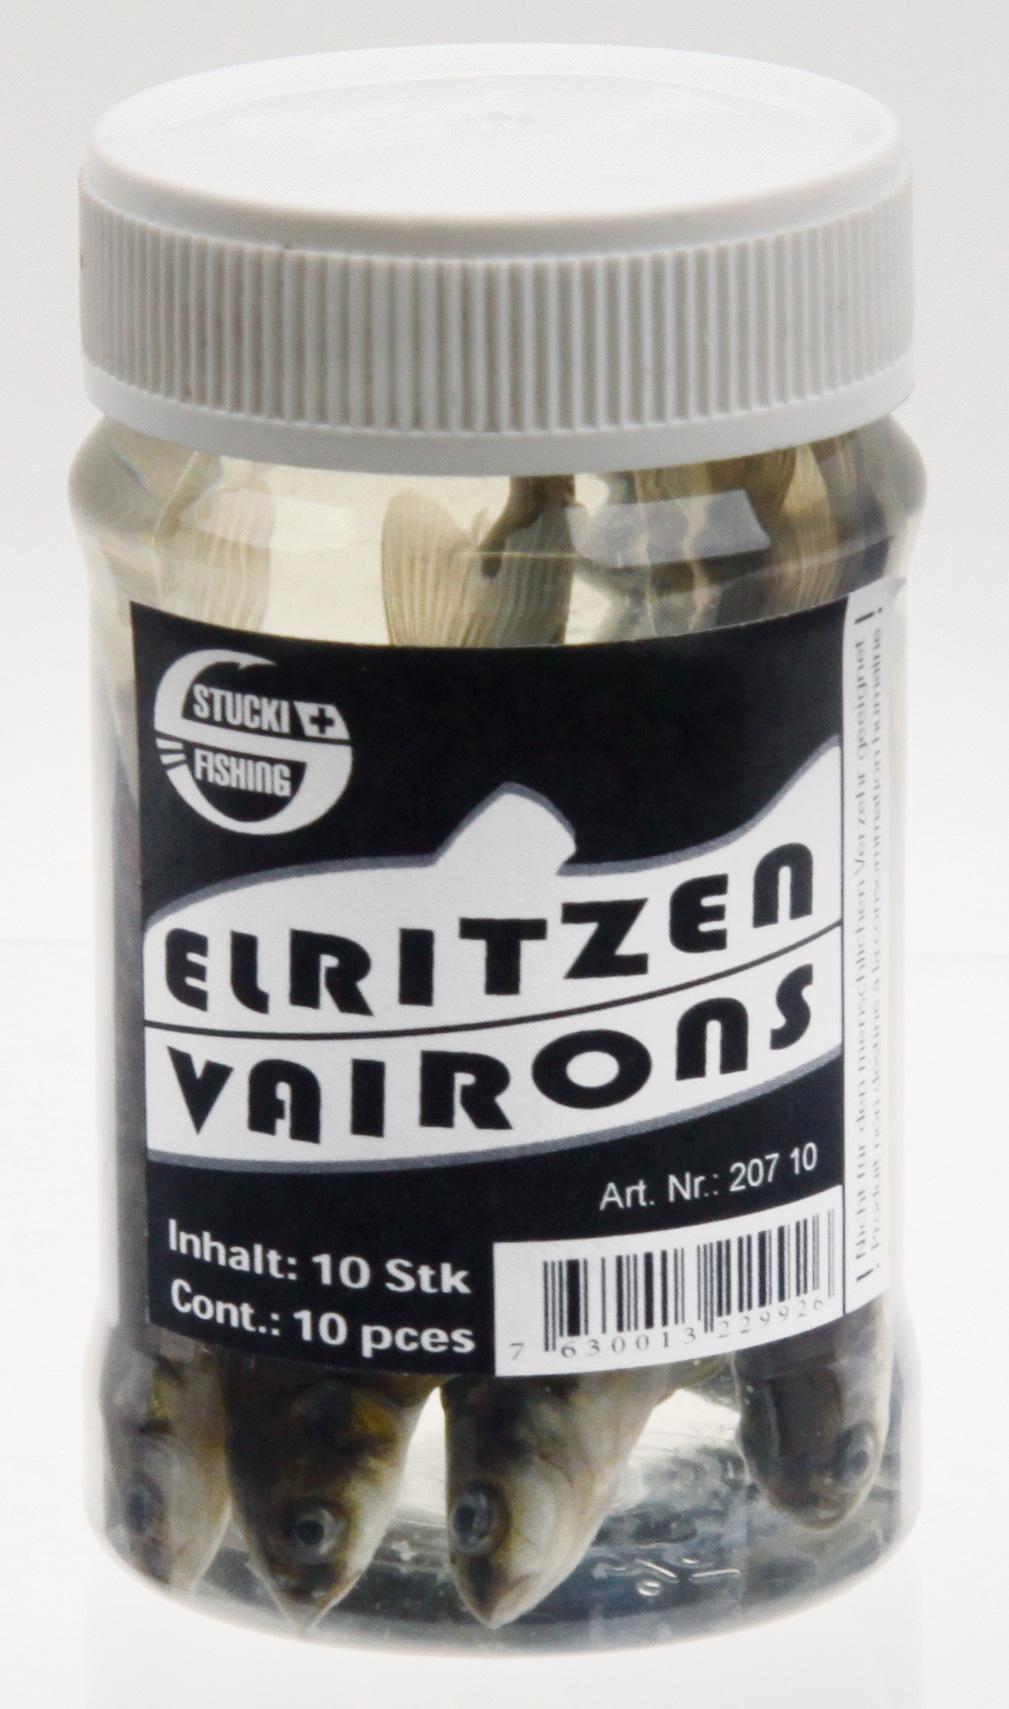 Köderfische - Elritzen